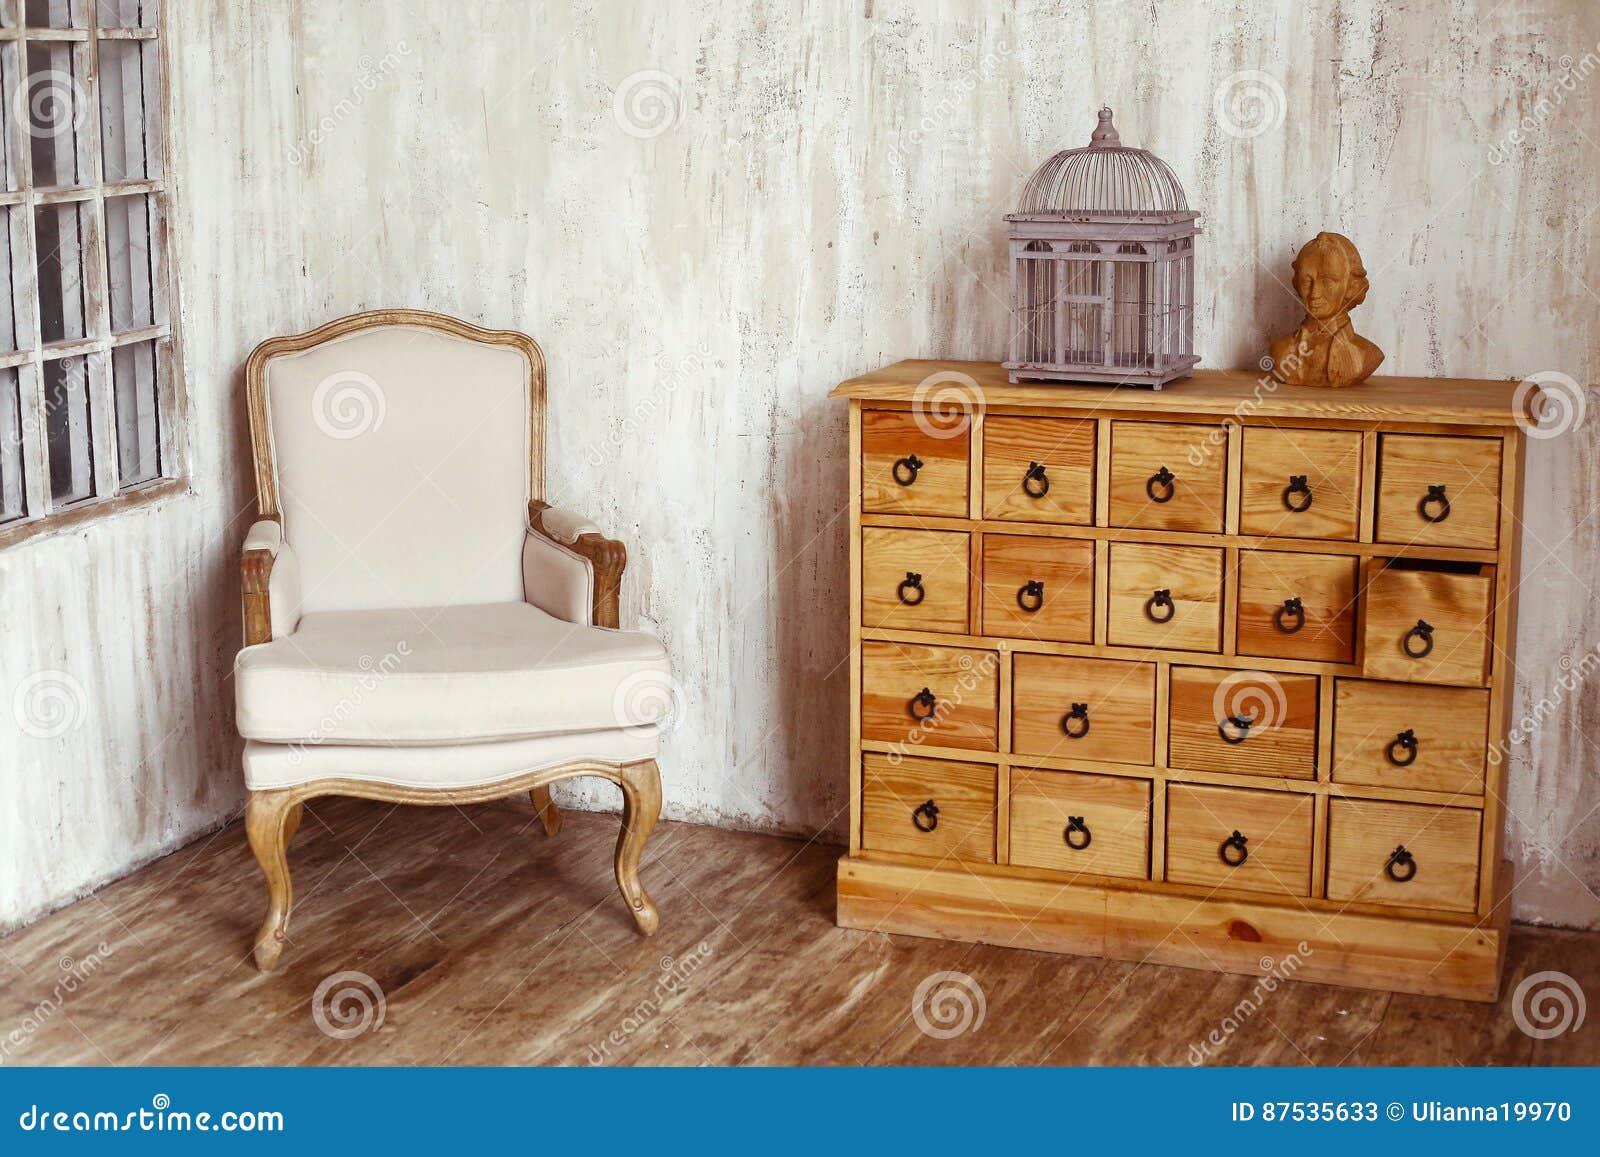 Coffre des tiroirs en bois dans la pièce dénommée minable